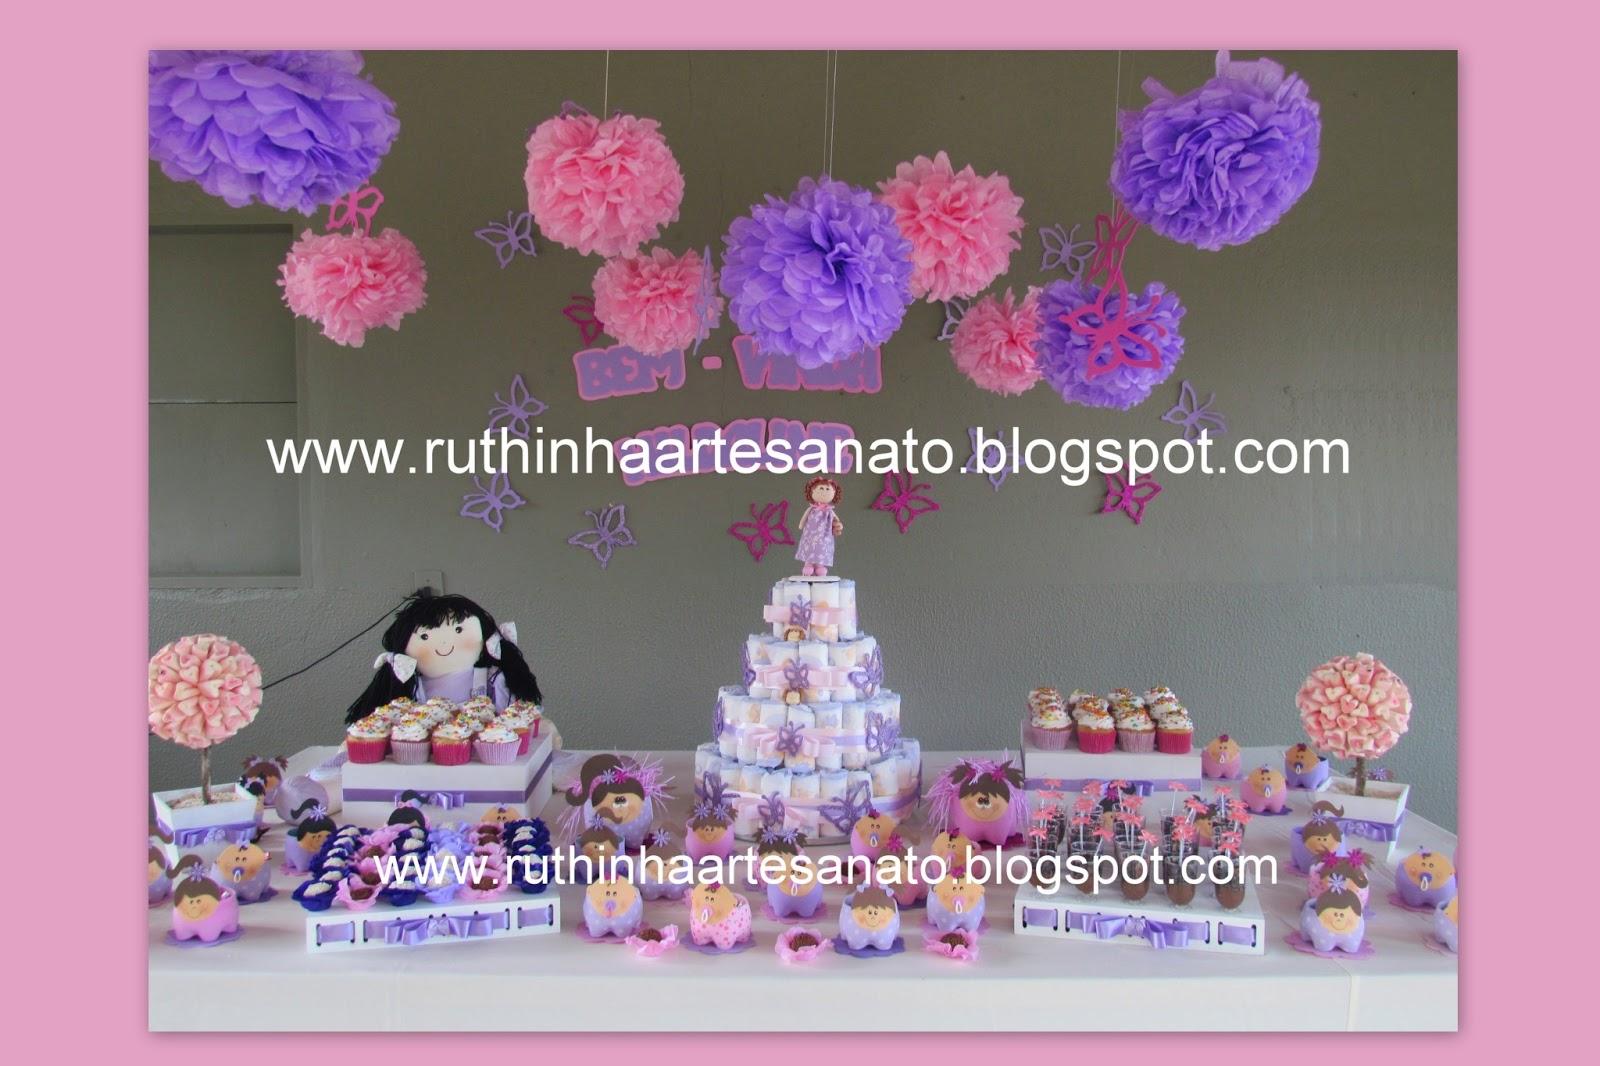 Ruthinha Artesanato Chá de fralda rosa e lilás  Madalena